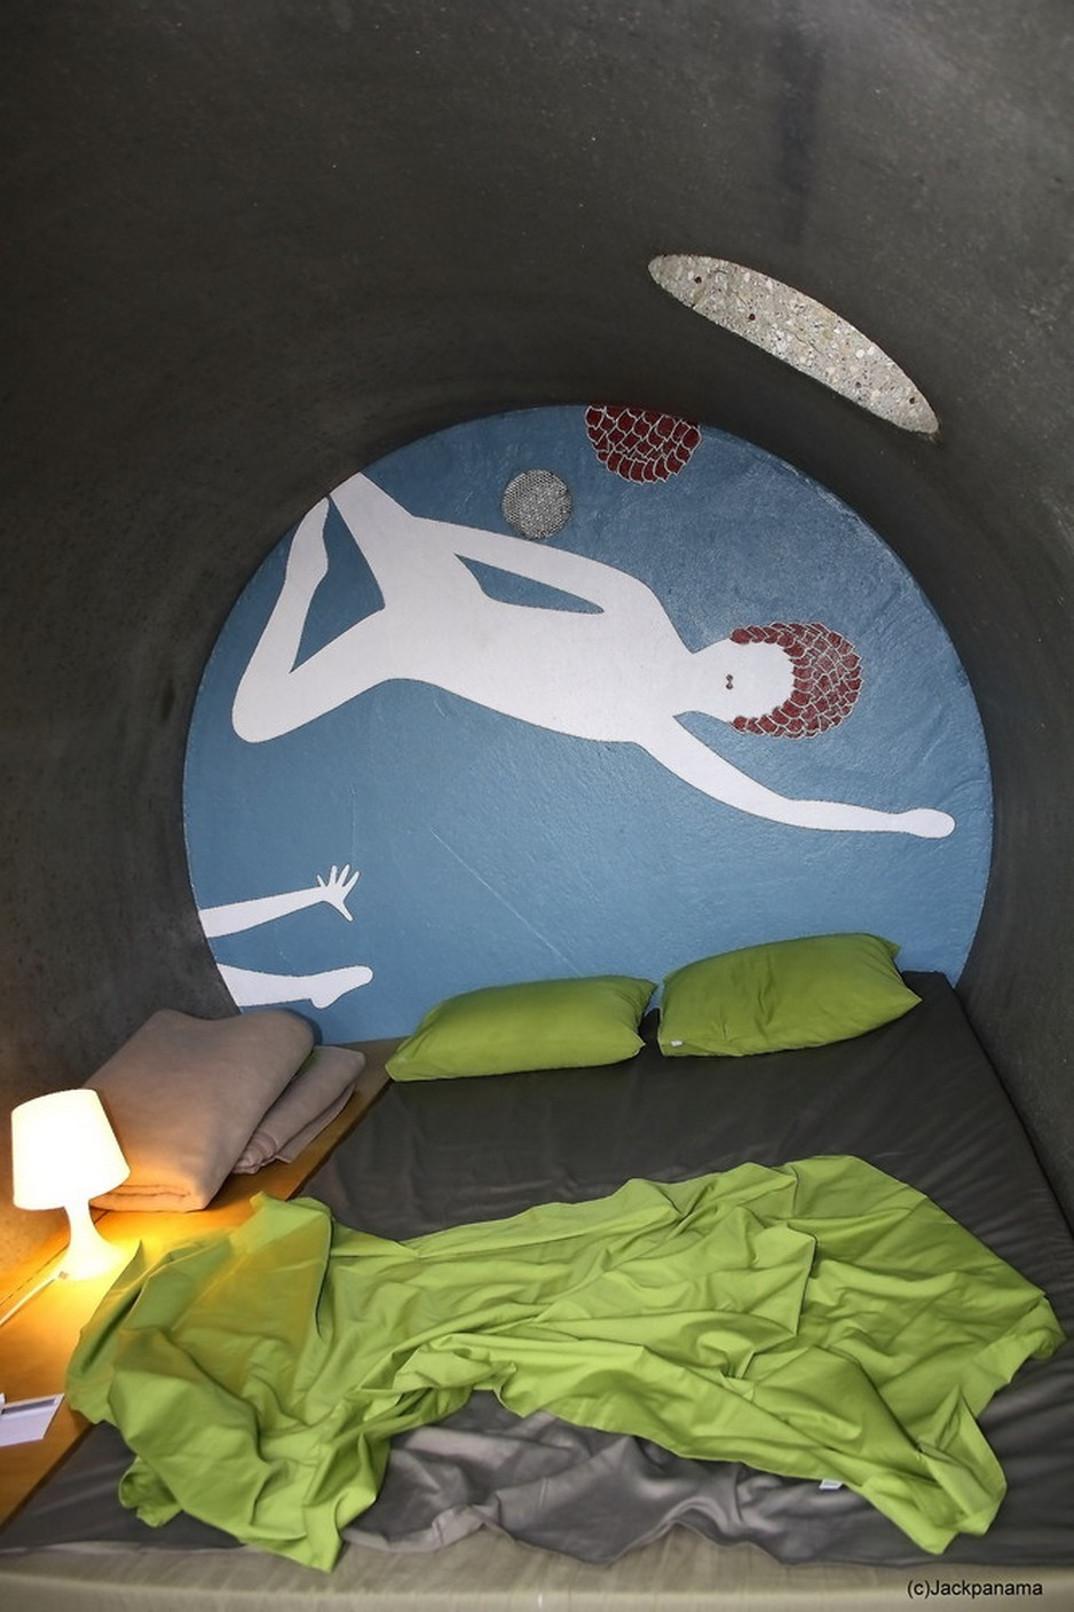 stanze-hotel-tubi-cemento-fognature-das-park-hotel-02